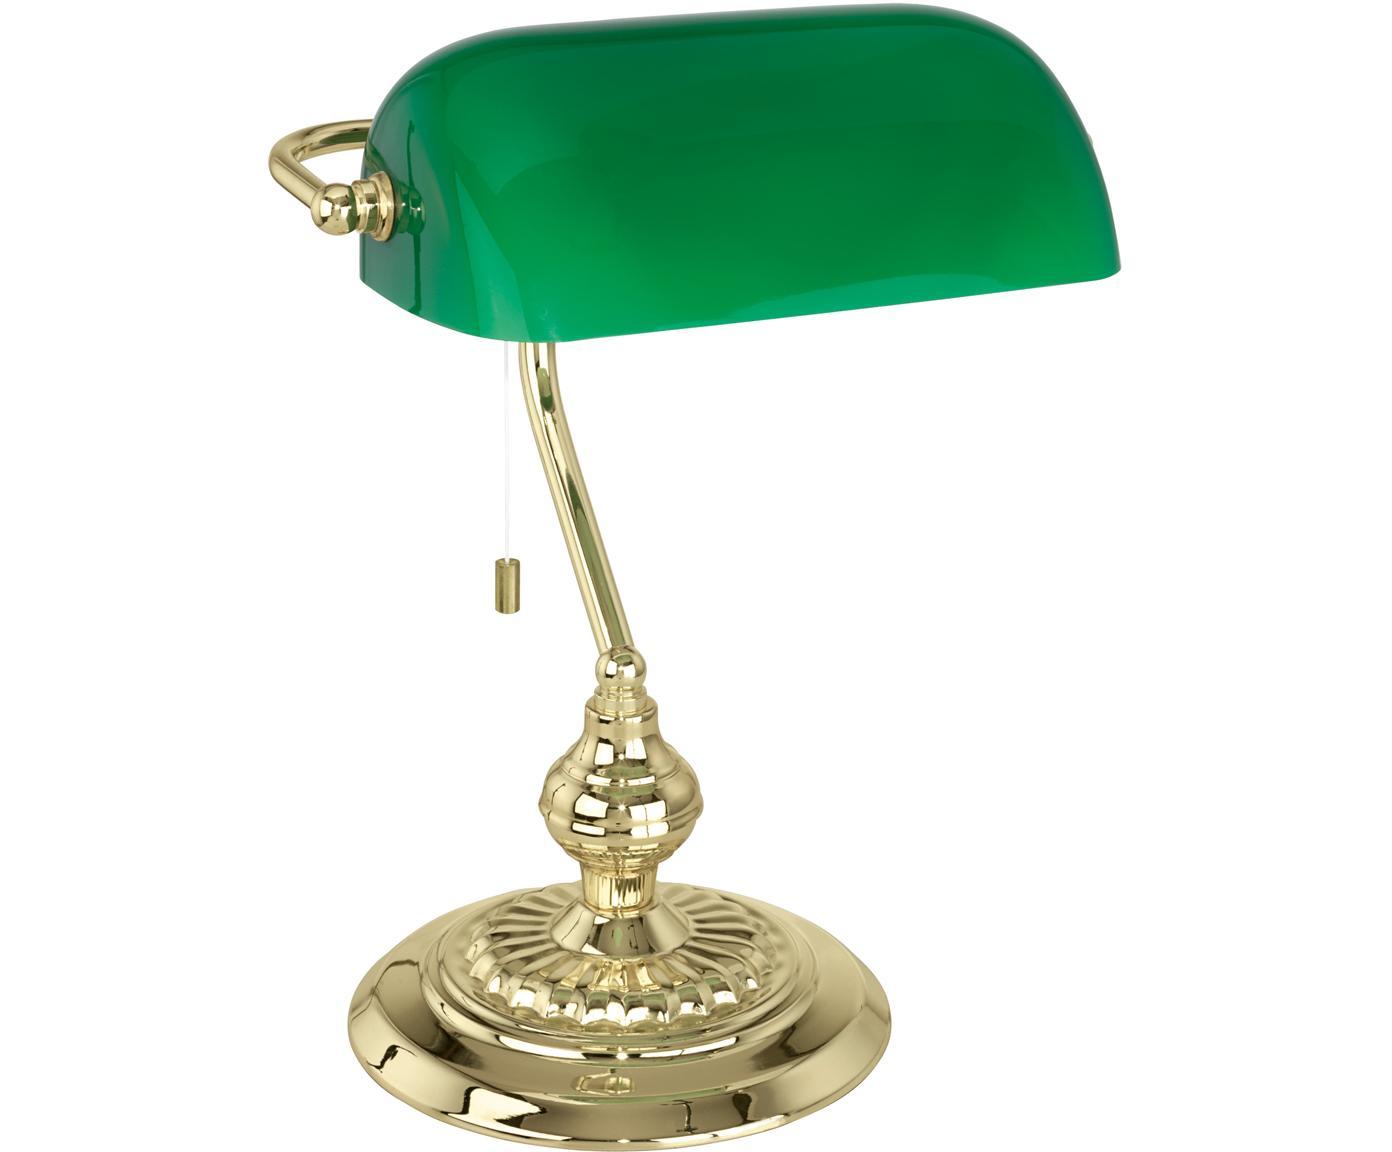 Schreibtischlampe Banker, Glas, Messing, Grün, Goldfarben, 25 x 39 cm